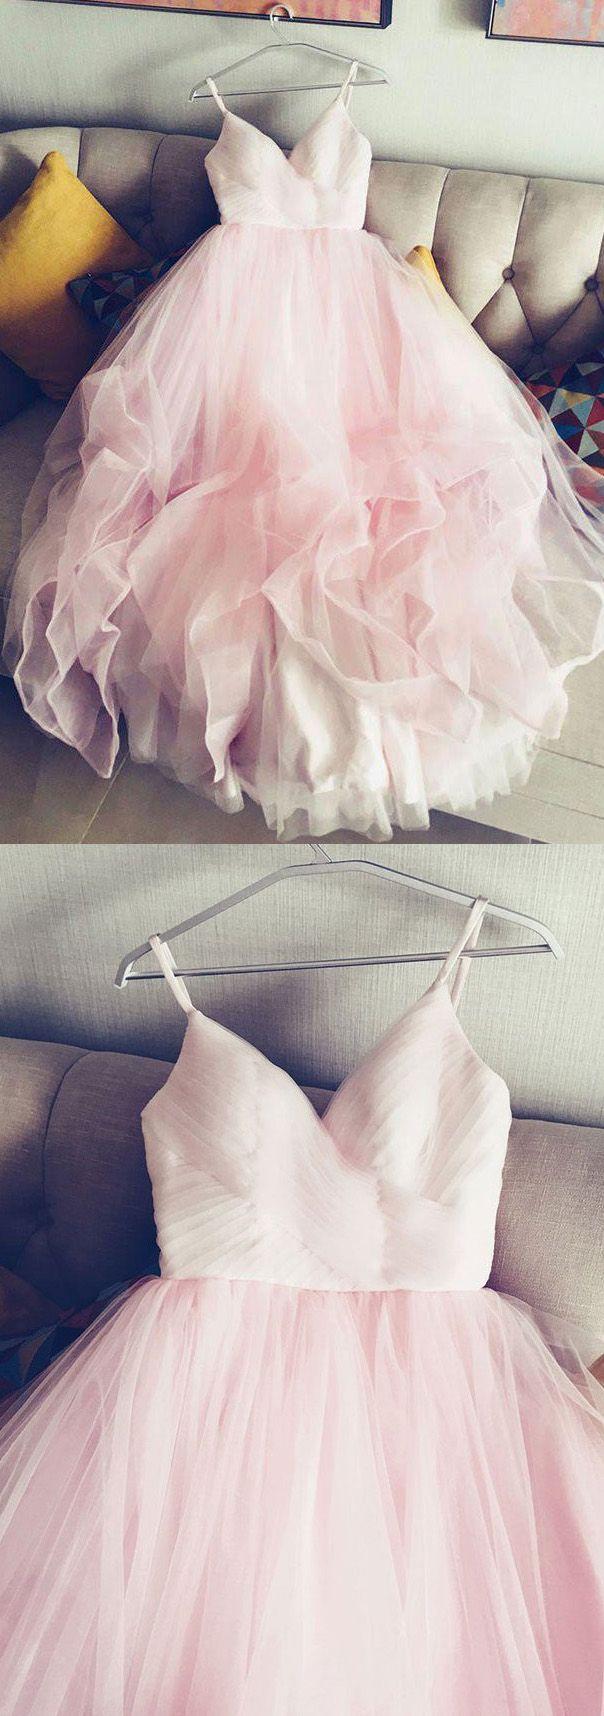 Sleeveless Dresses Short Pink Wedding With Ruffles Zipper Floor Length Soft WF02G56 73